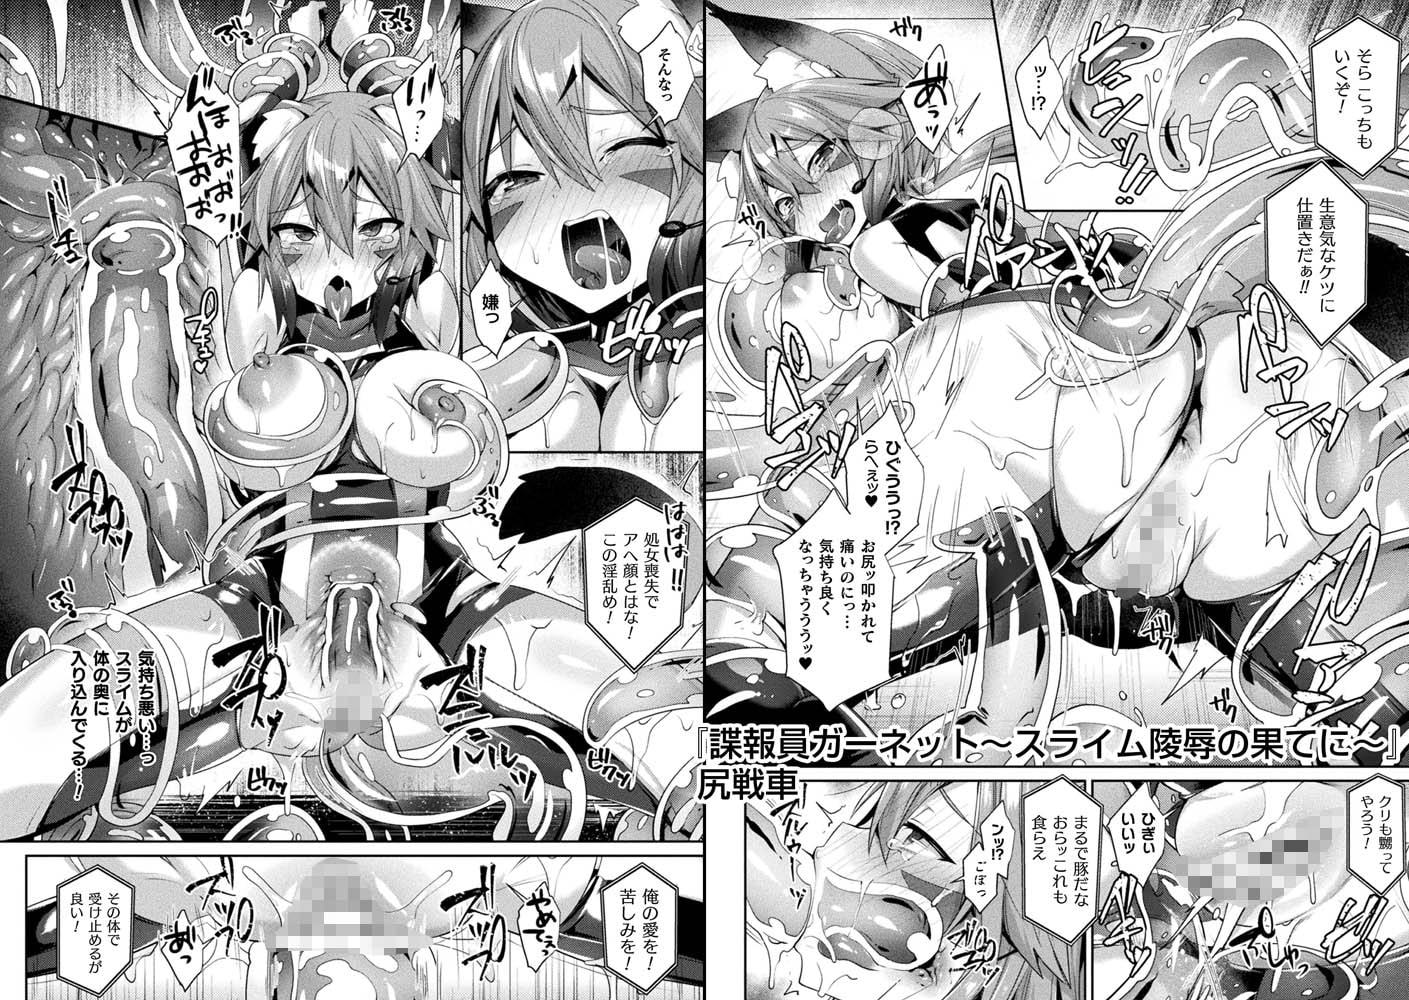 敗北乙女エクスタシーVol.15